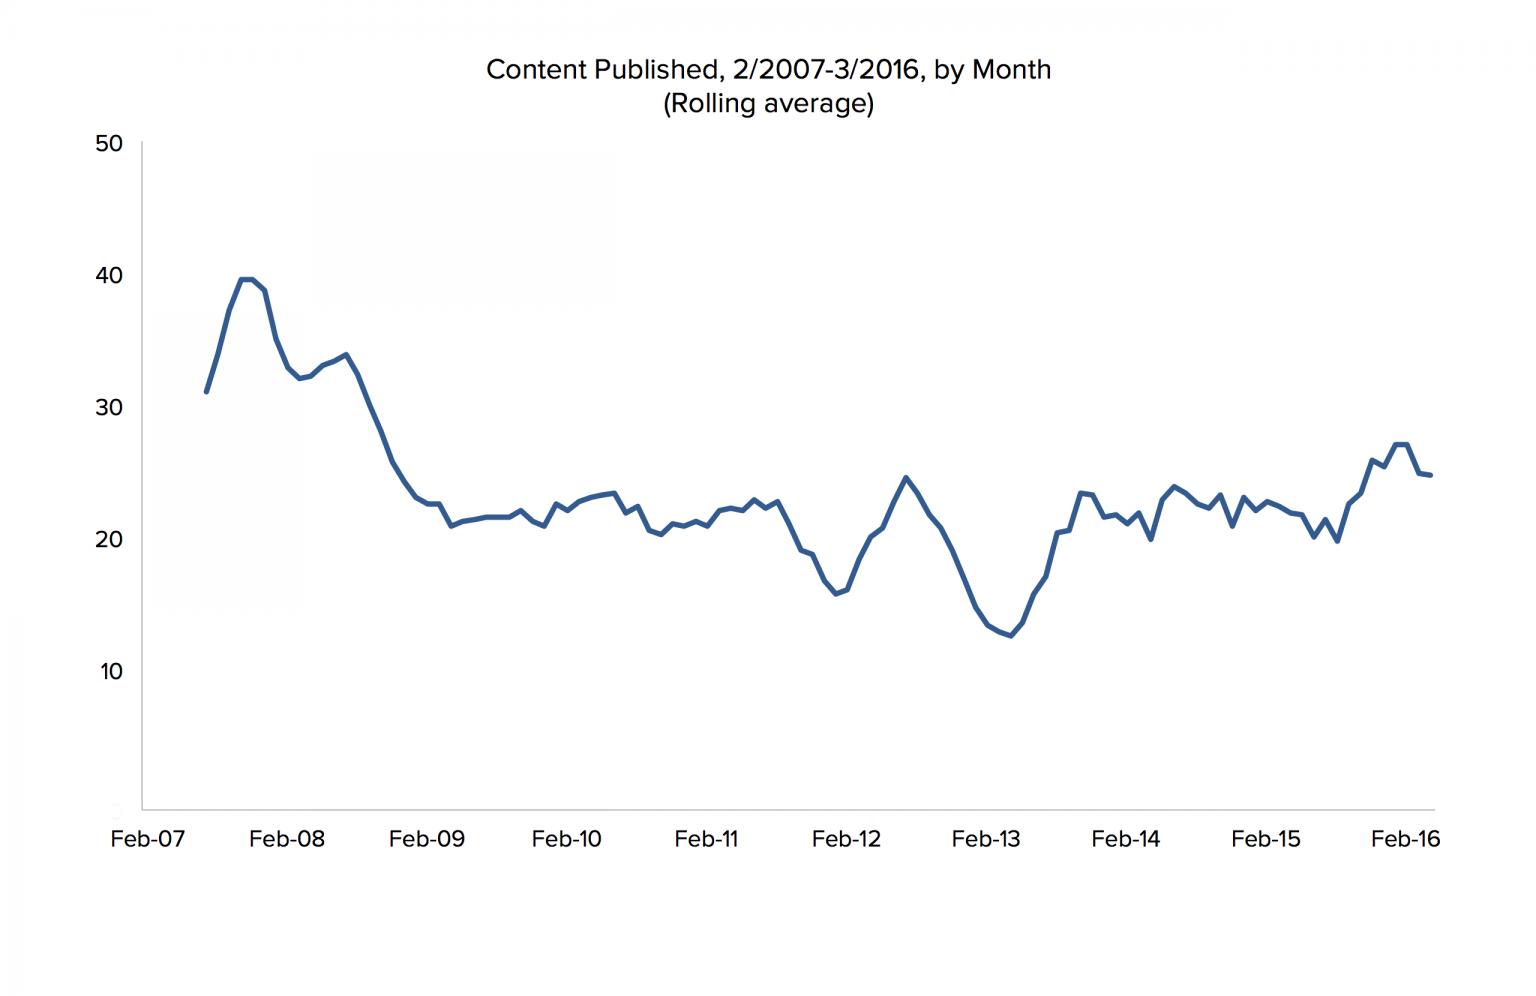 tanda konten yang diterbitkan setiap bulan. Kami telah sibuk.